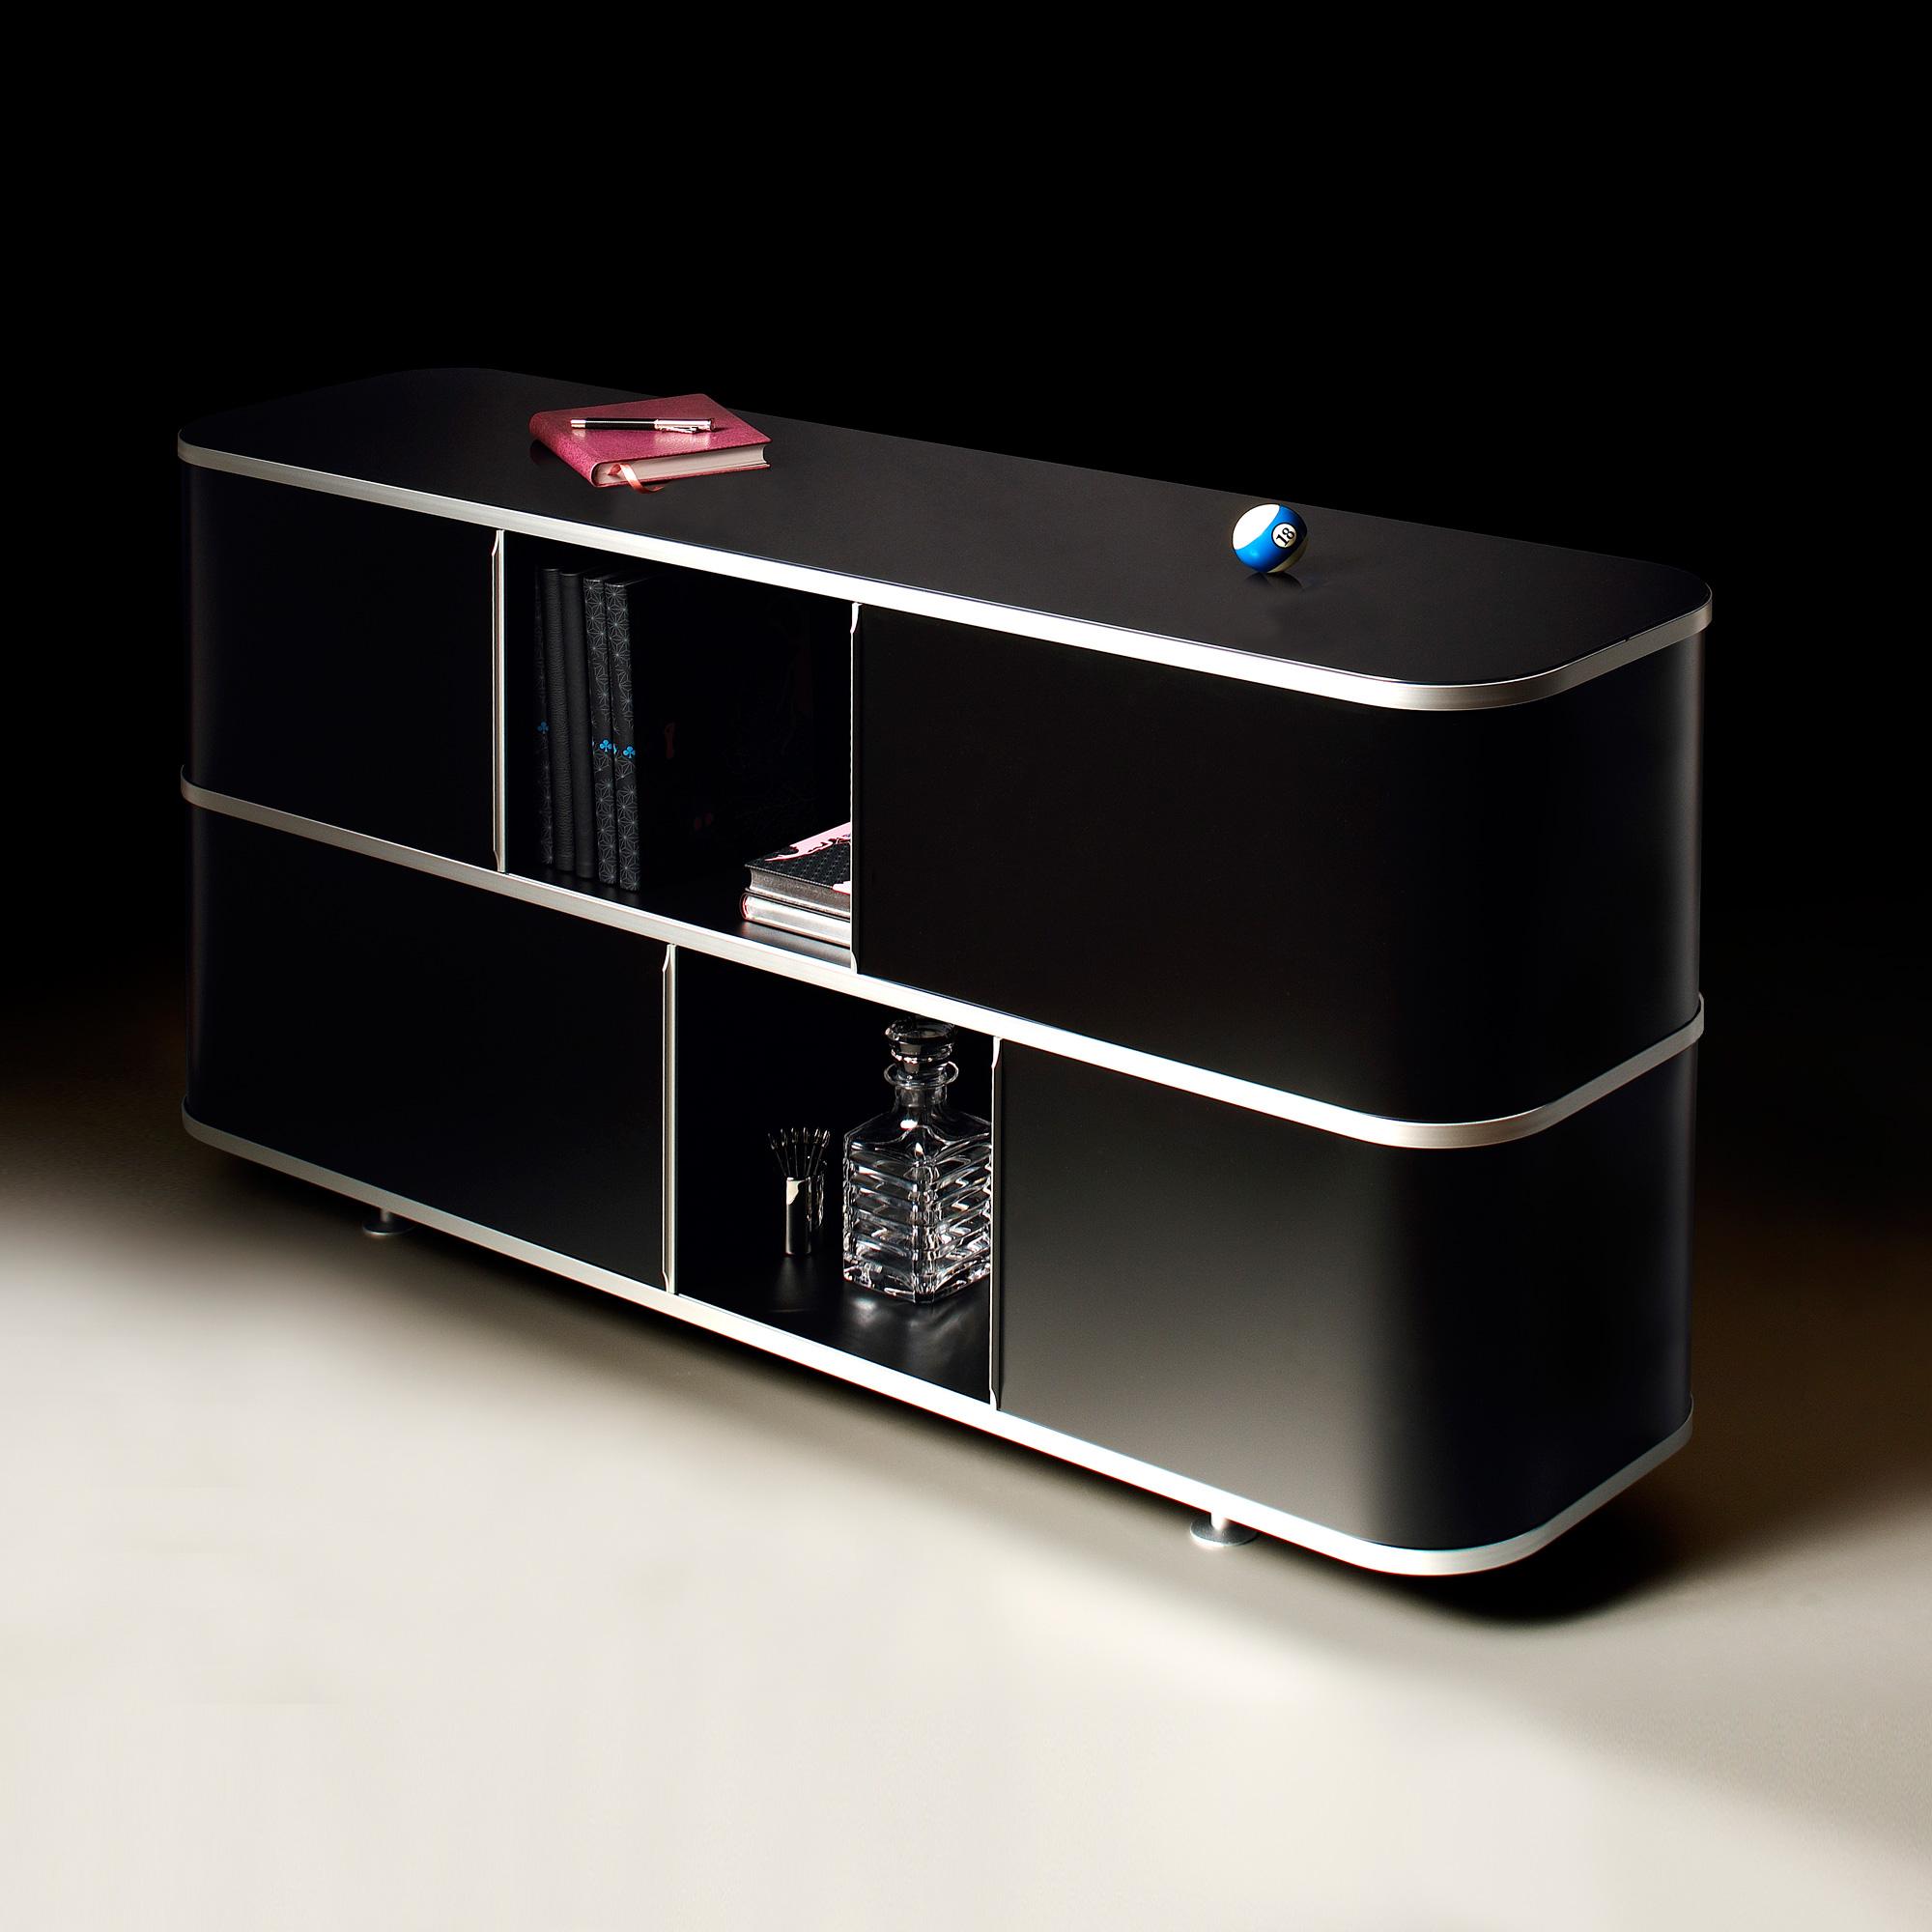 wogg liva sideboard 18 002 371 371 071 reuter onlineshop. Black Bedroom Furniture Sets. Home Design Ideas